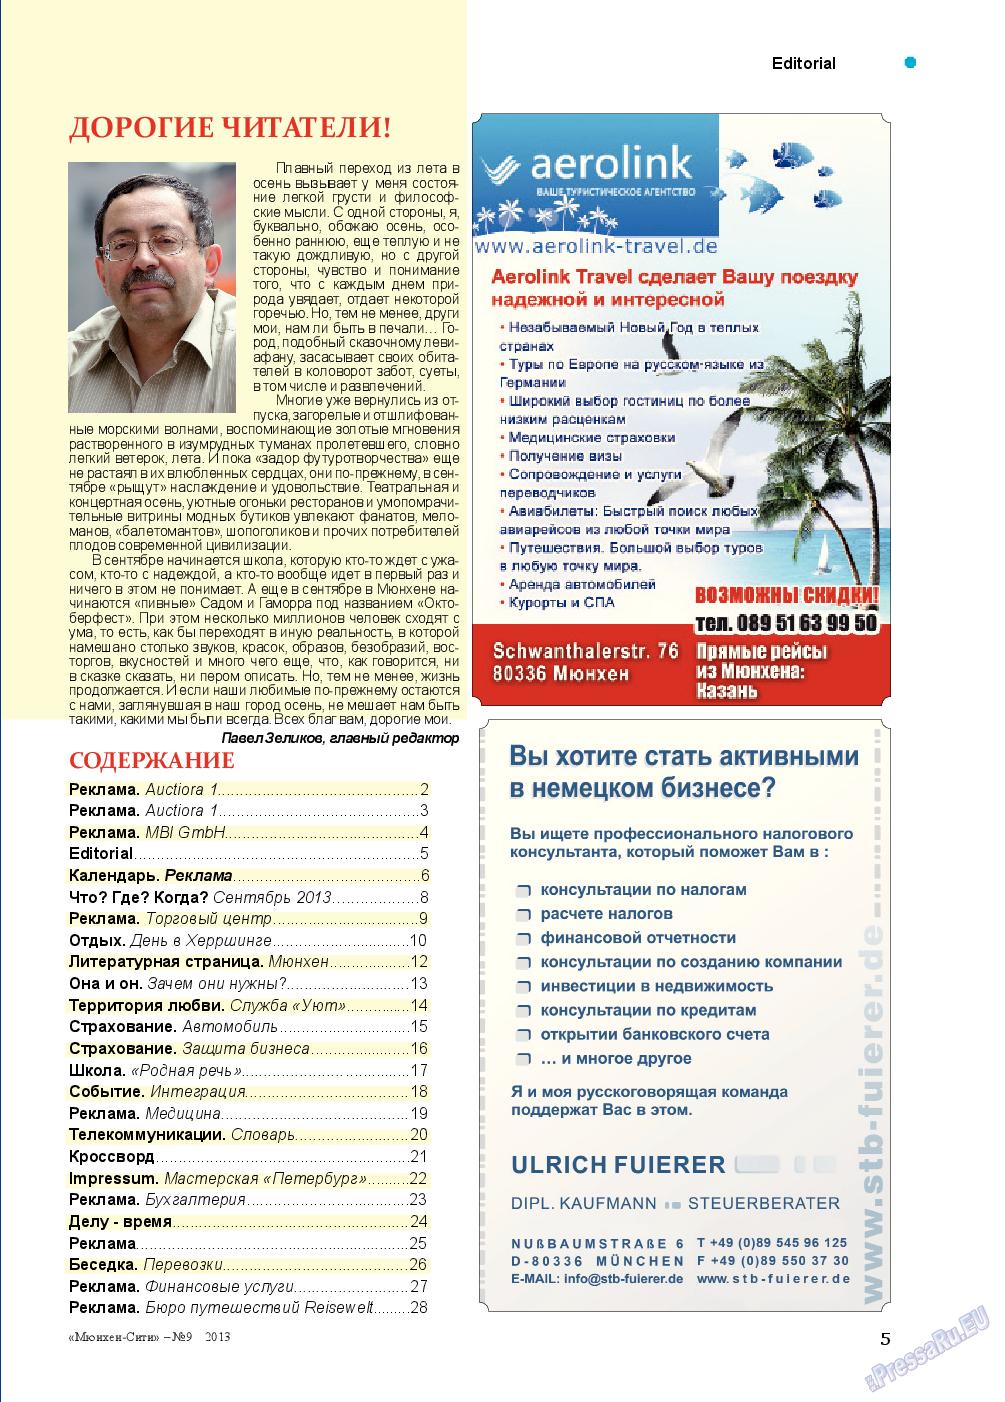 Мюнхен-сити (журнал). 2013 год, номер 9, стр. 5